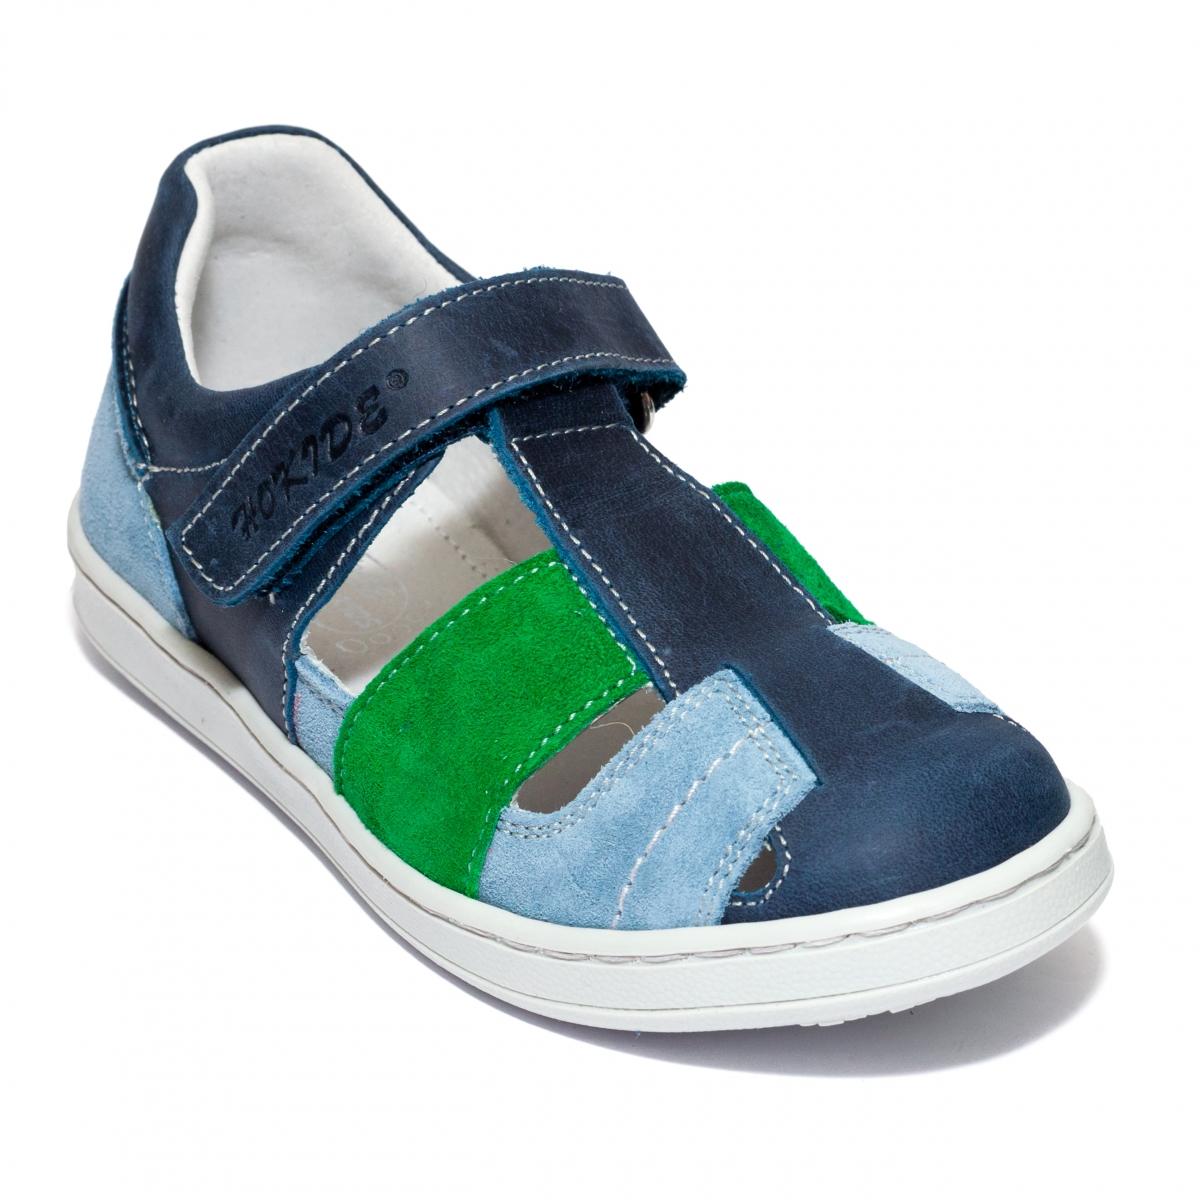 Sandale baieti piele hiokide 422 blu verde albastru 26-35